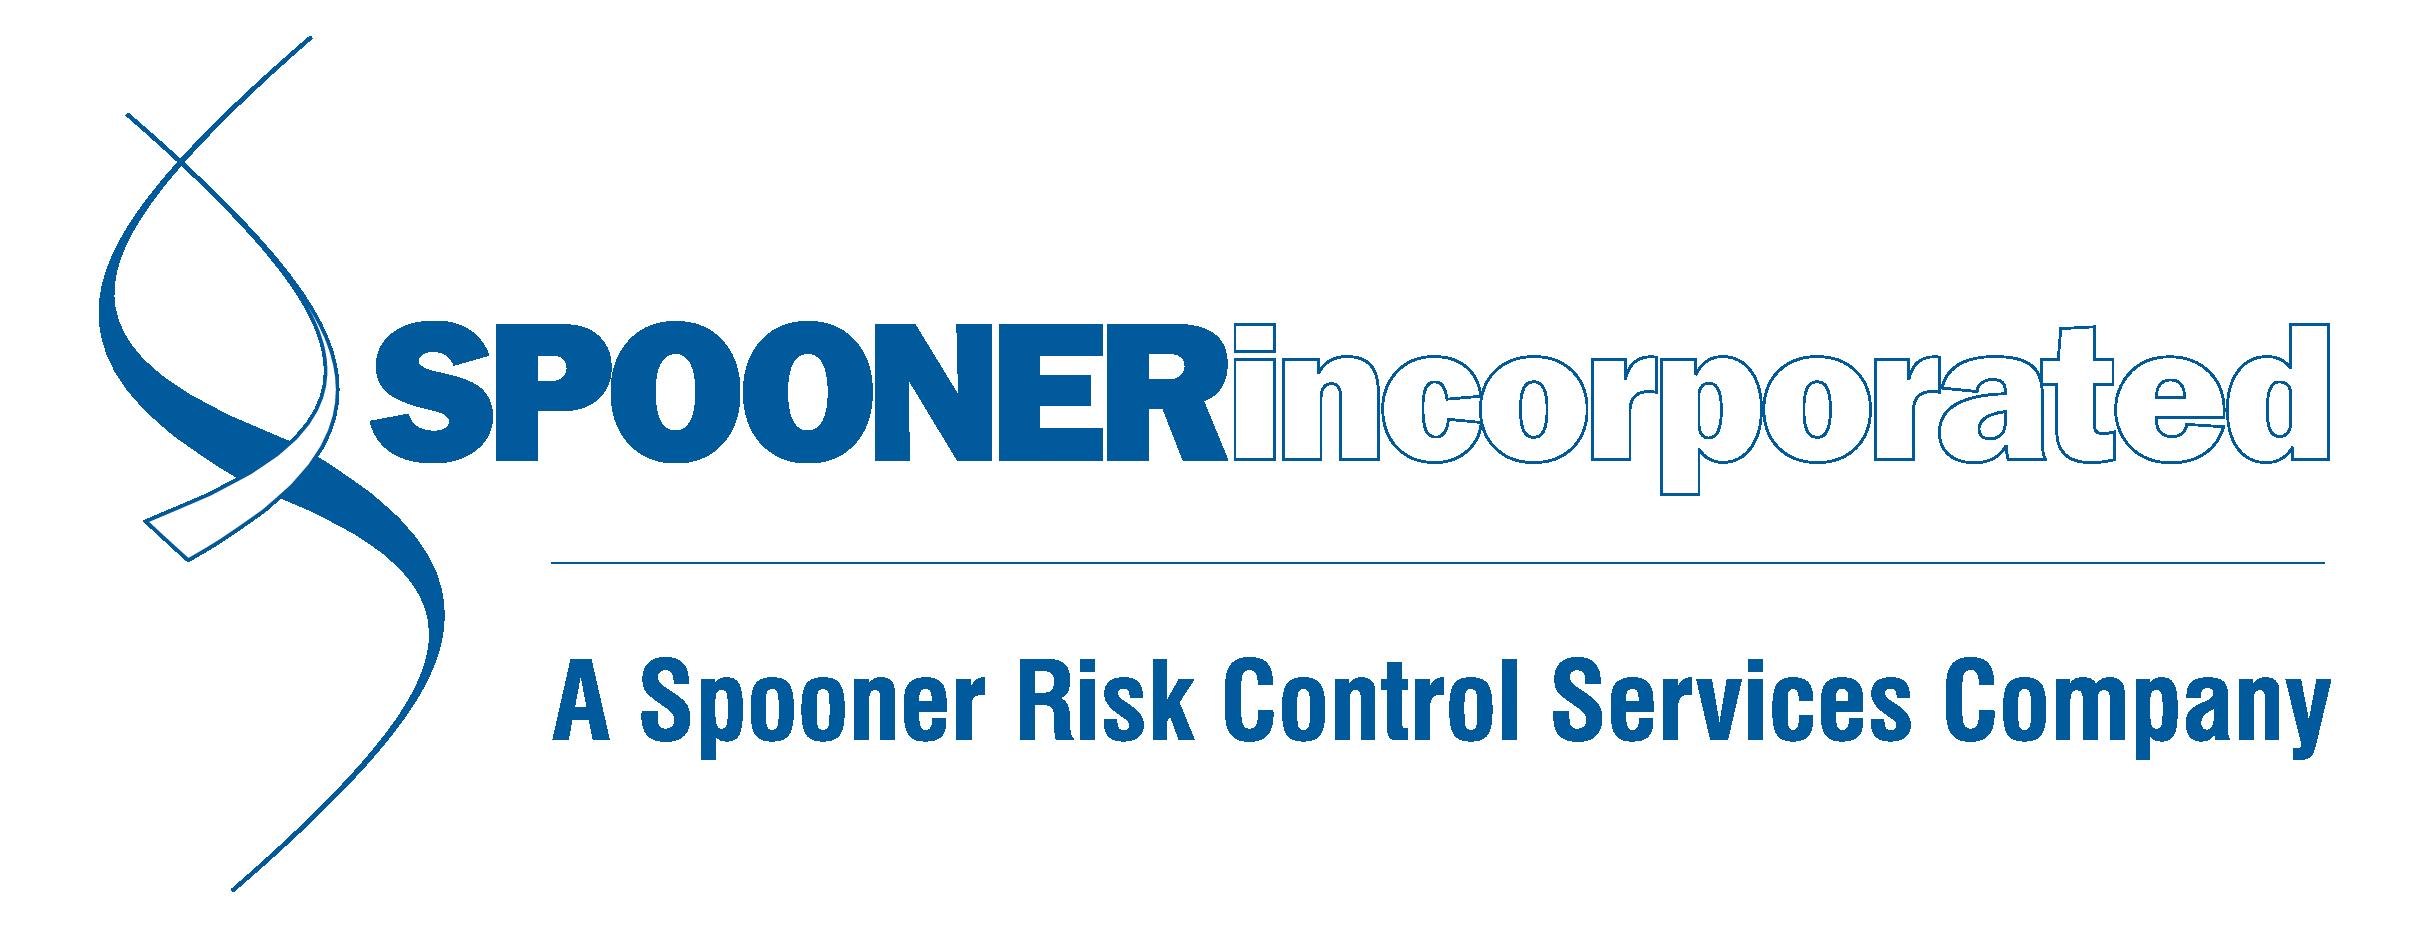 Spooner Inc